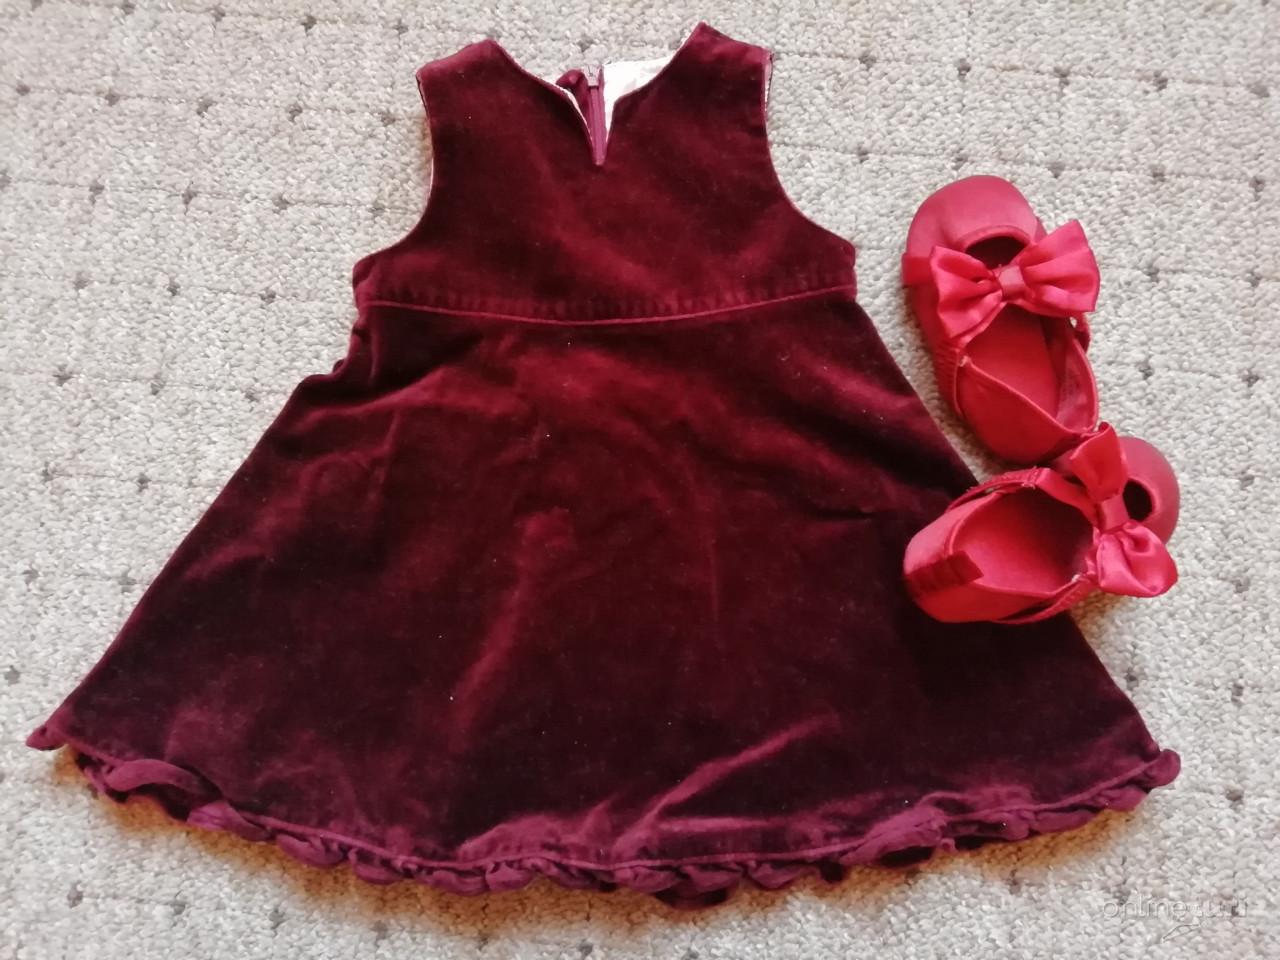 89bb9982cf Kislány alkalmi ruha 68-as + cipő, Nyíregyháza - OnlineTuri